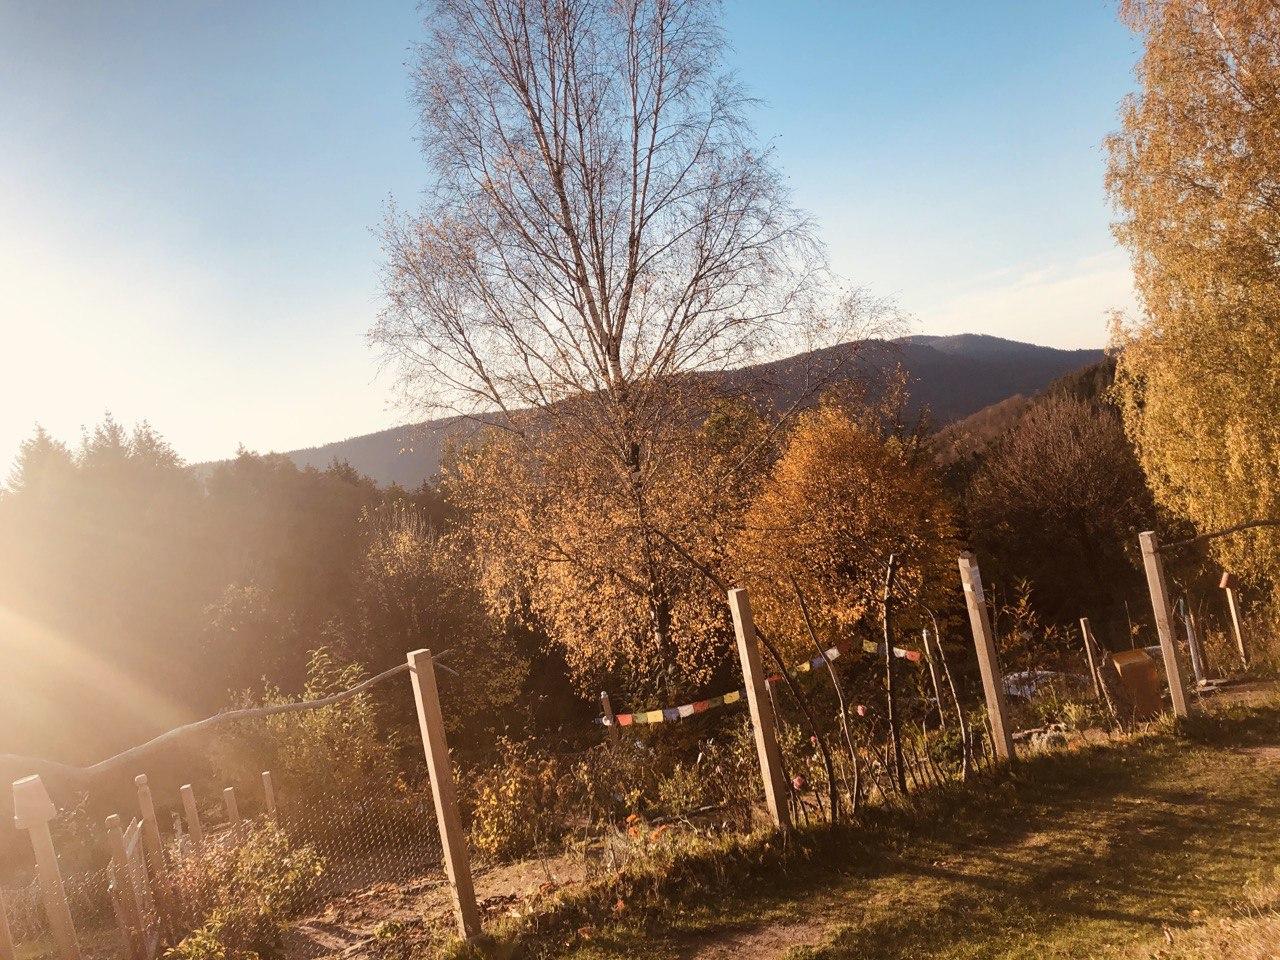 Die Kraft der Natur, Yoga und Meditation – das letzte offizielle Wochenende des Braunberg-Projekts